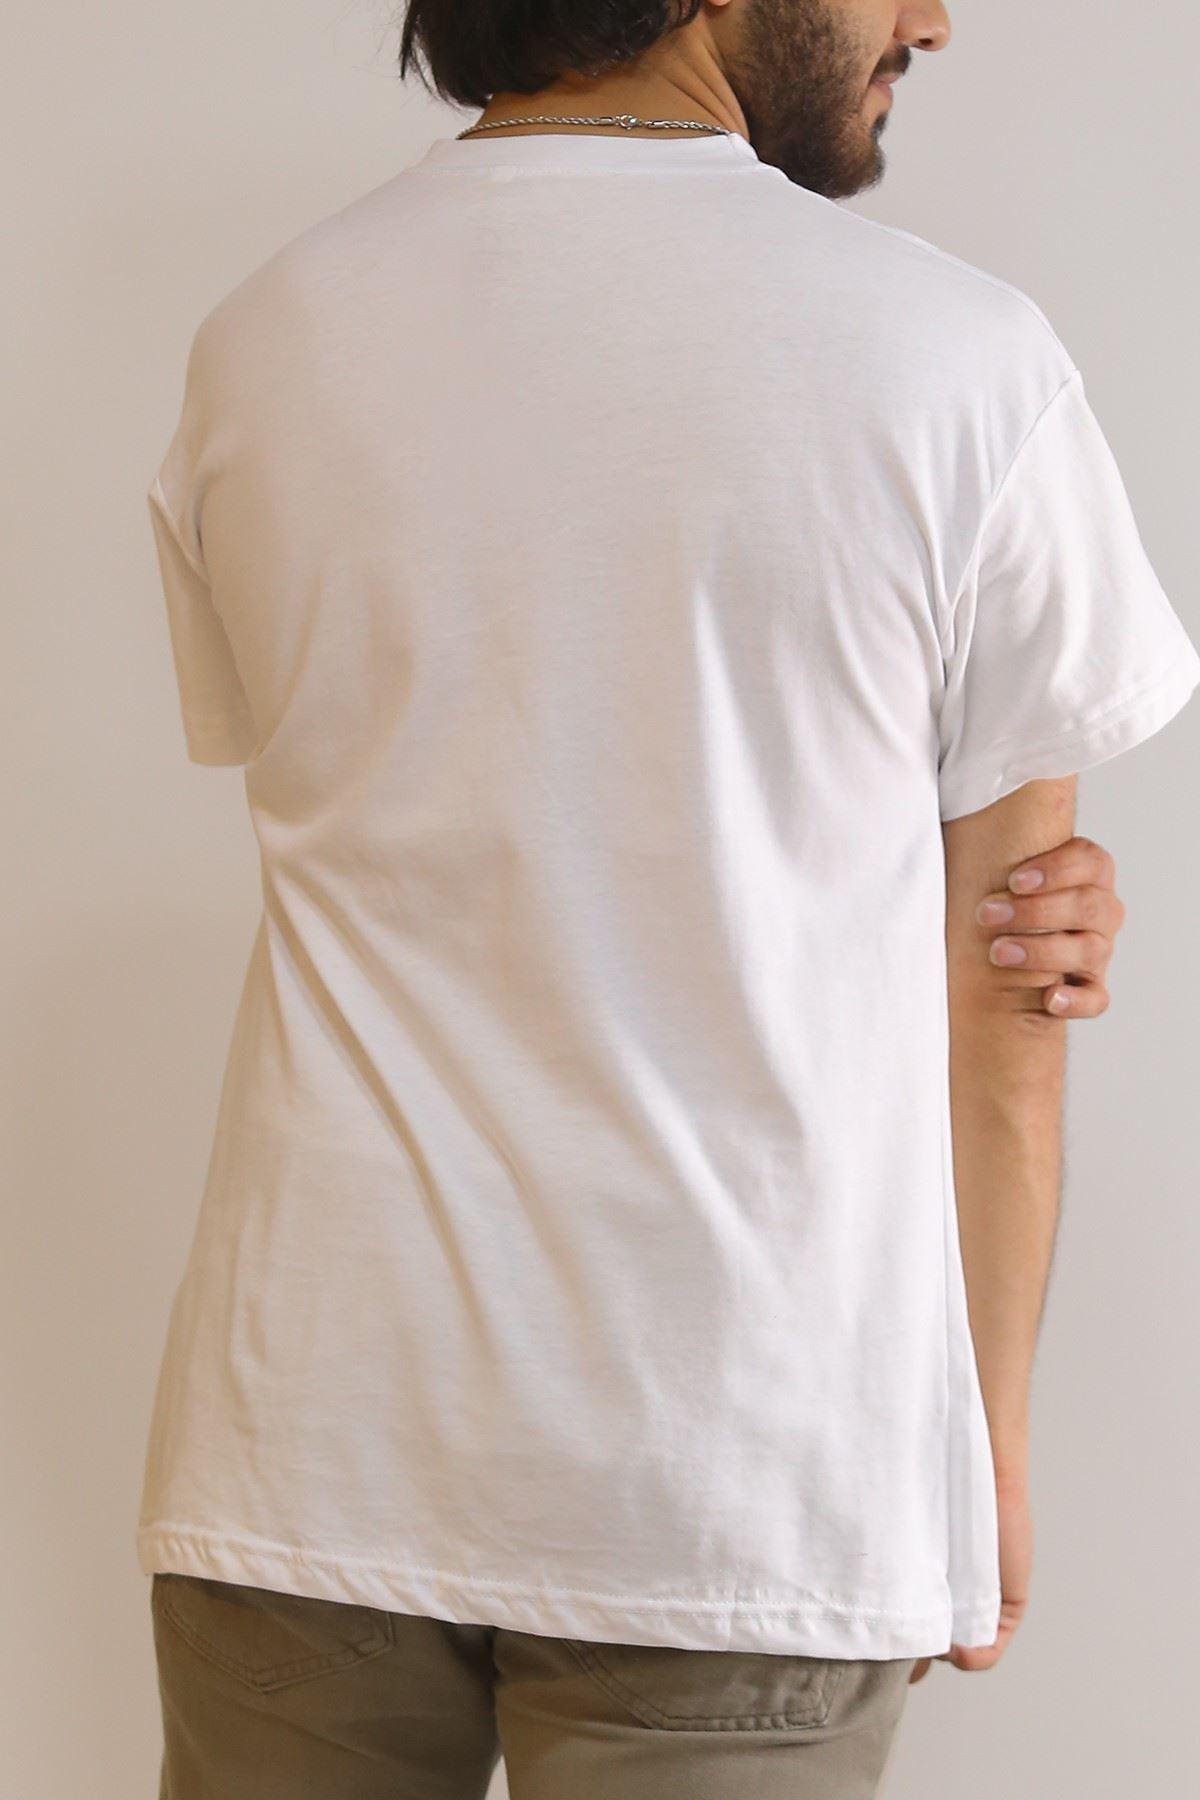 Önü Şeritli Tişört Beyaz - 5968.1377.